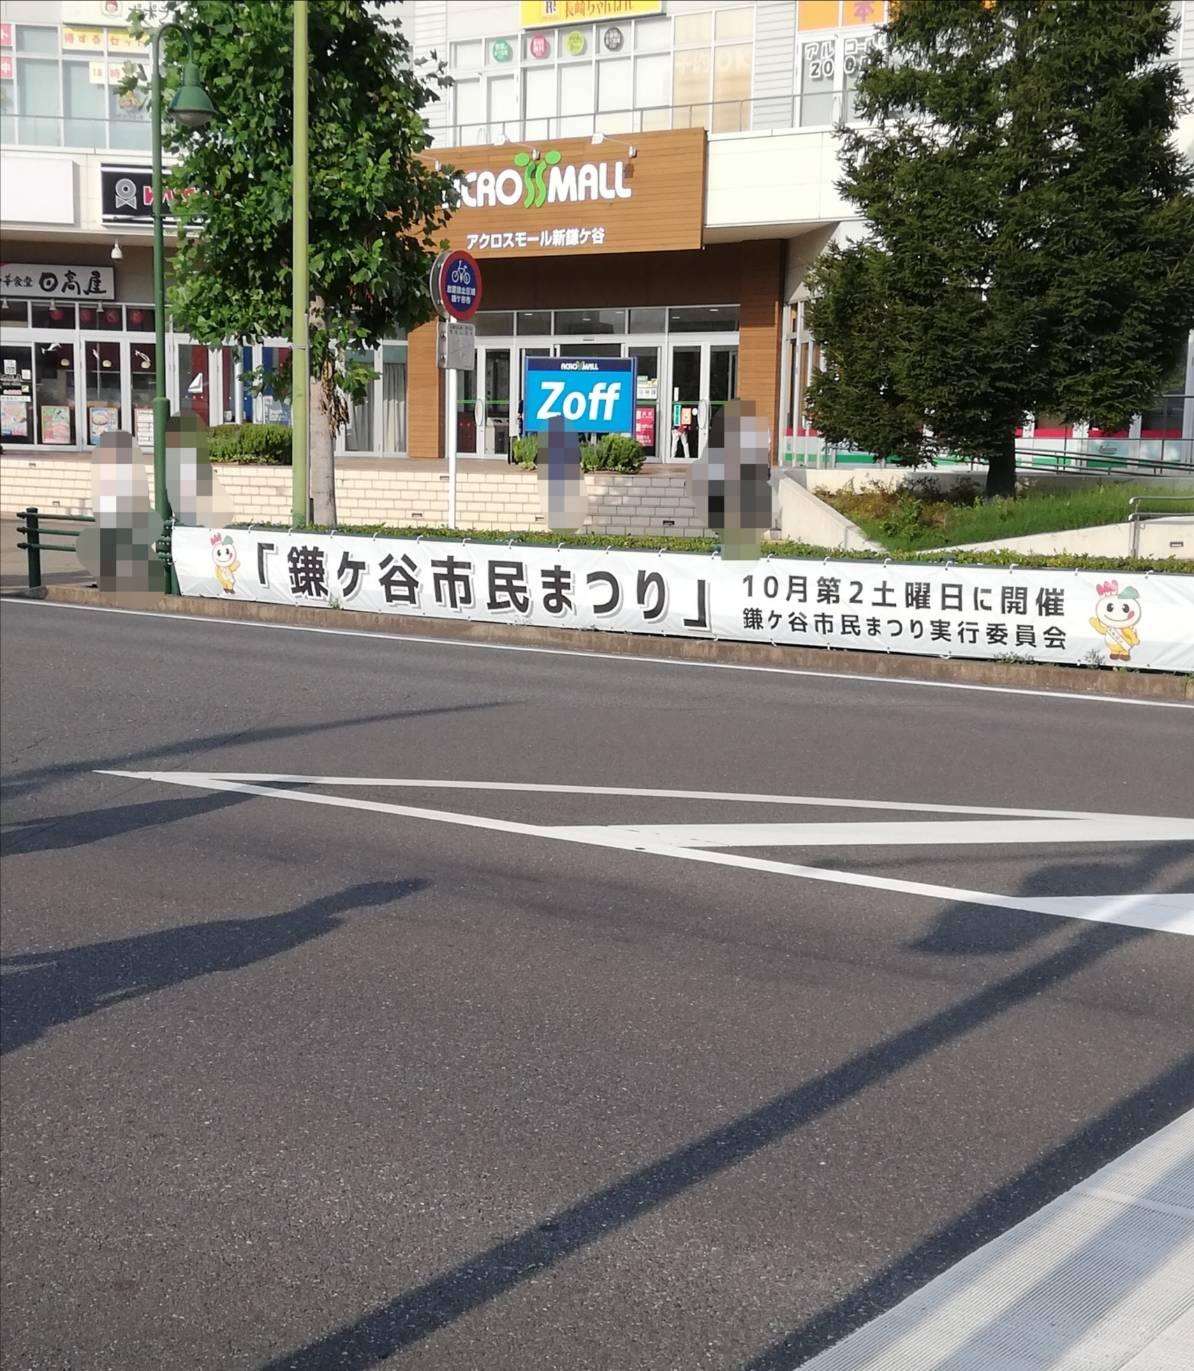 鎌ヶ谷市民まつり2019新鎌ヶ谷駅